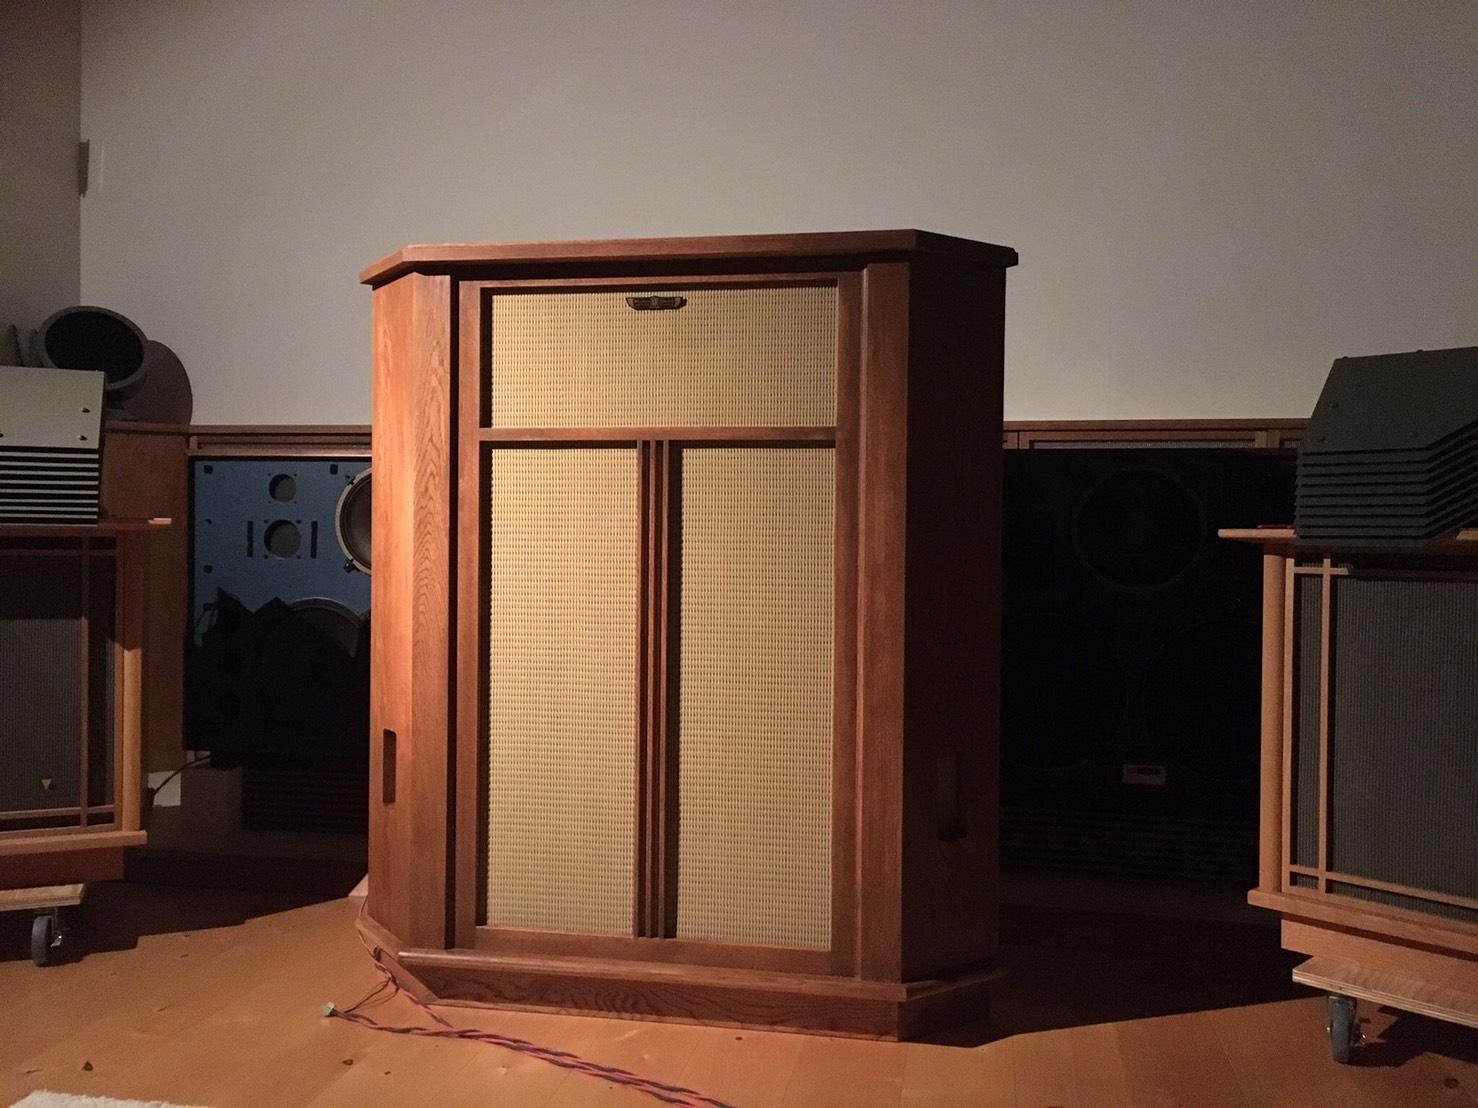 自作スピーカー ステレオ オーディオ モノラルスピーカー オーク 大阪 スピーカー オーダー家具 ナラ 無垢材 音との対話を重ねたモノラルスピーカー